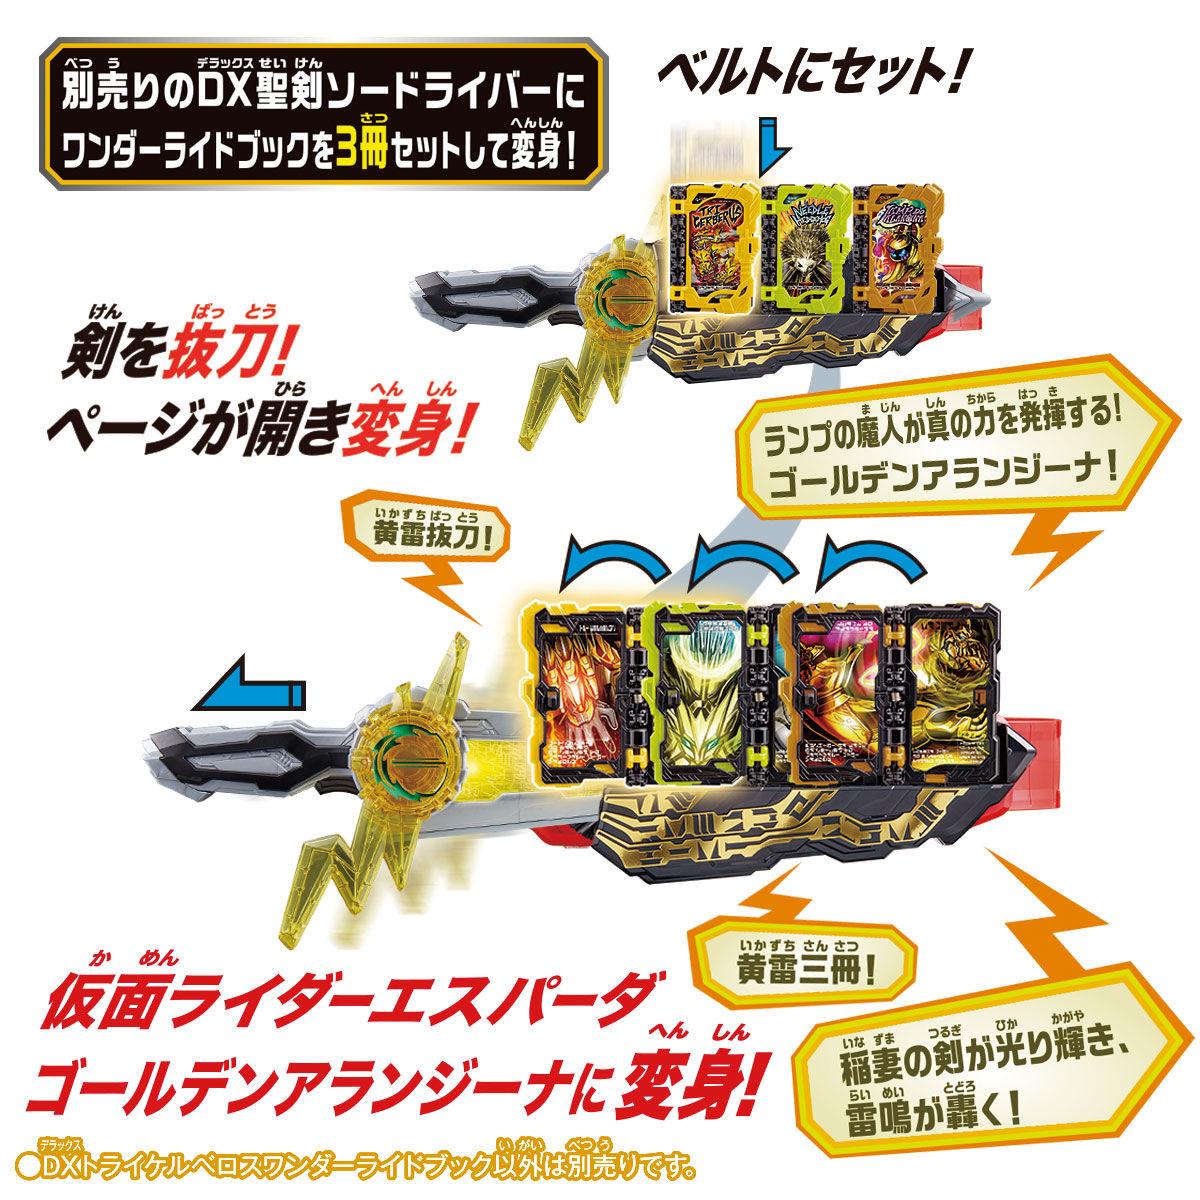 仮面ライダーセイバー『DXトライケルベロスワンダーライドブック』変身なりきり-005